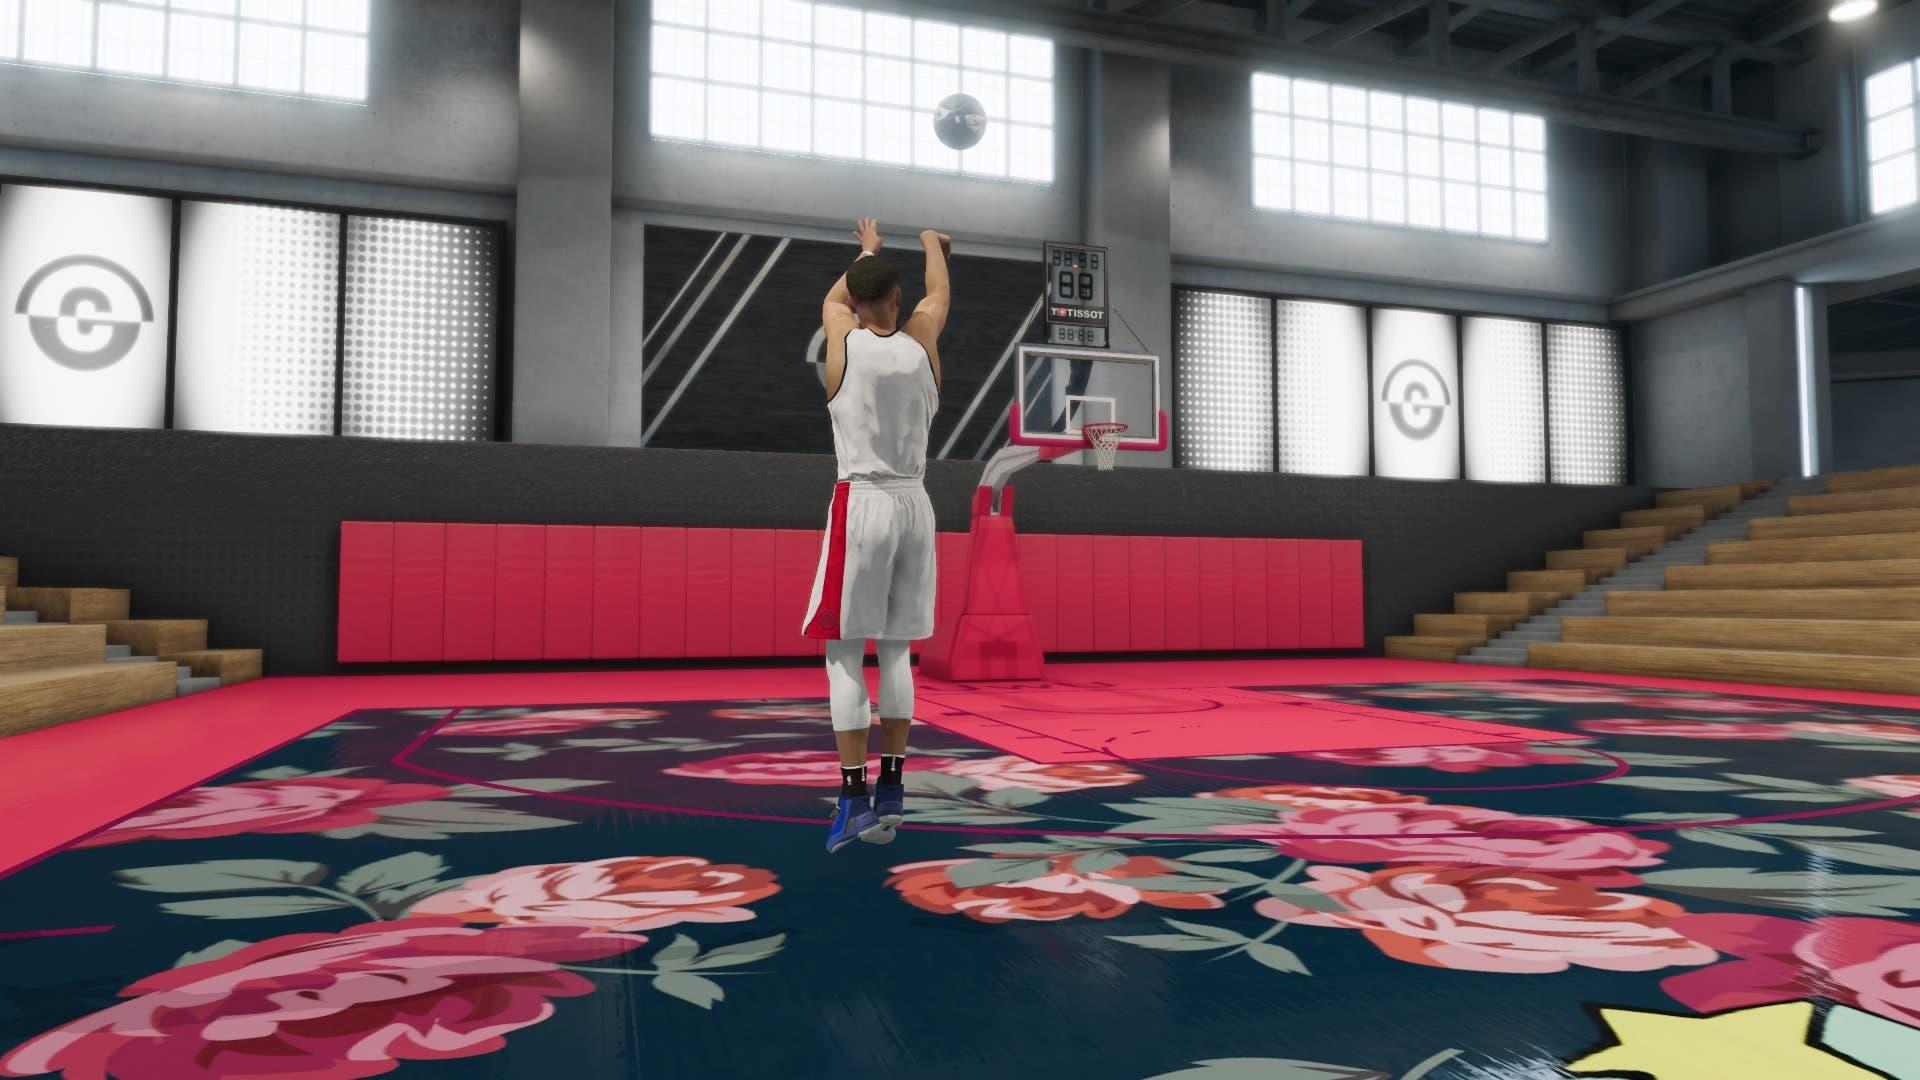 Imagen de NBA Live 20 retrasa su lanzamiento hasta el próximo trimestre